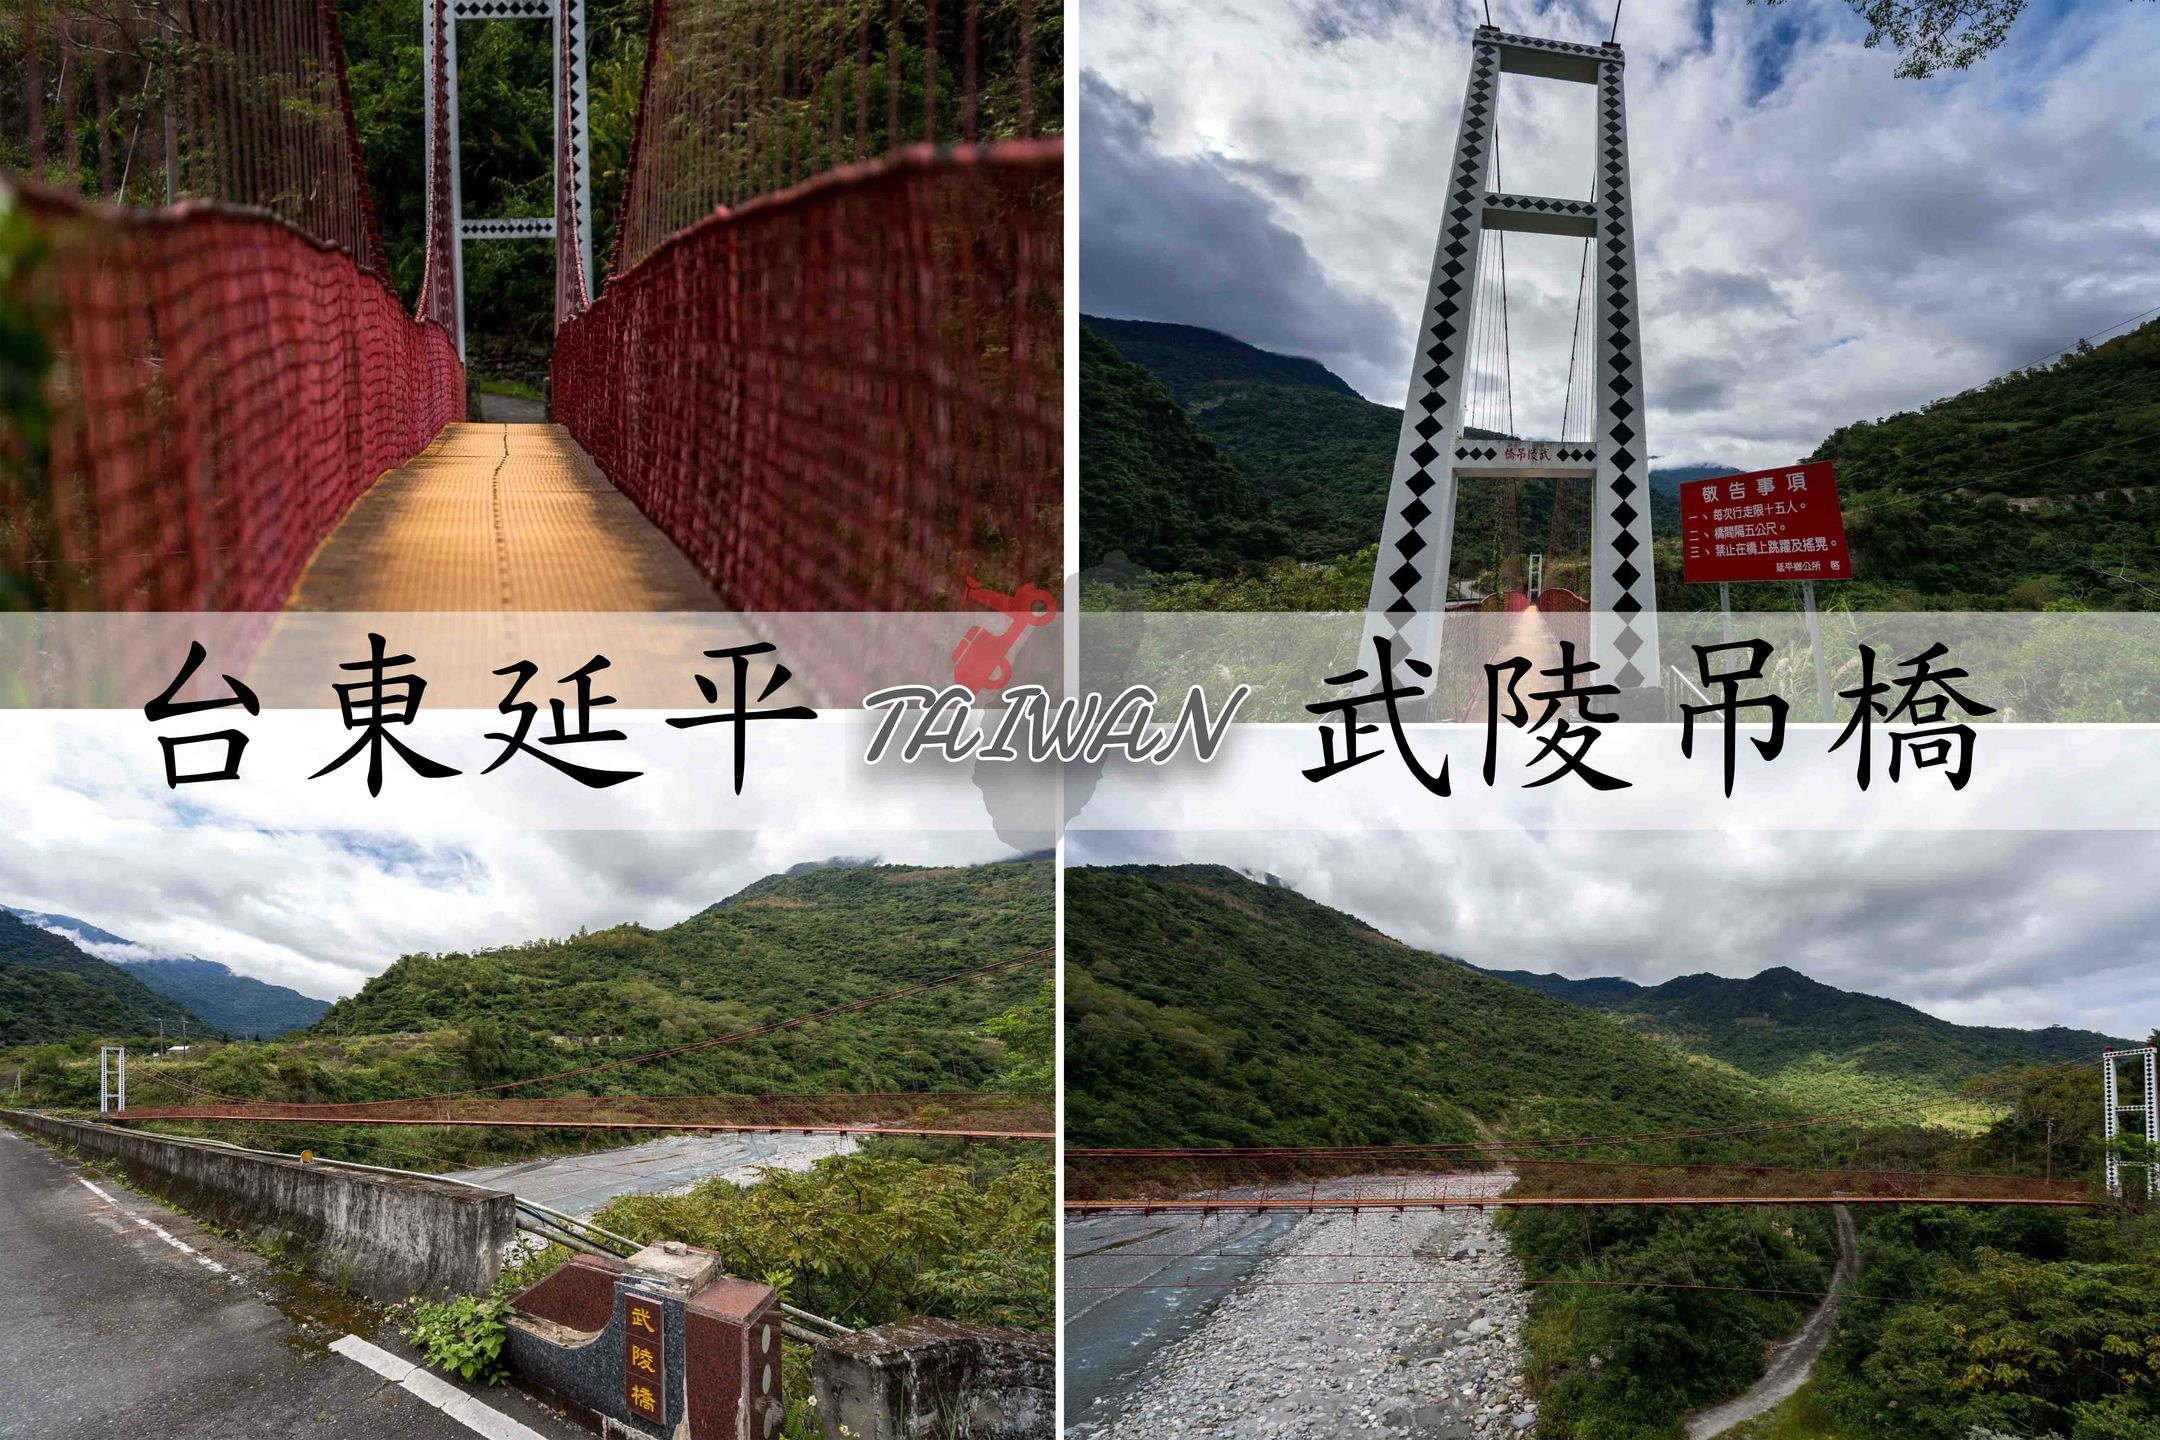 『台東延平鄉』,清幽的武陵吊橋,只有大自然的交響樂|交通資訊、注意事項